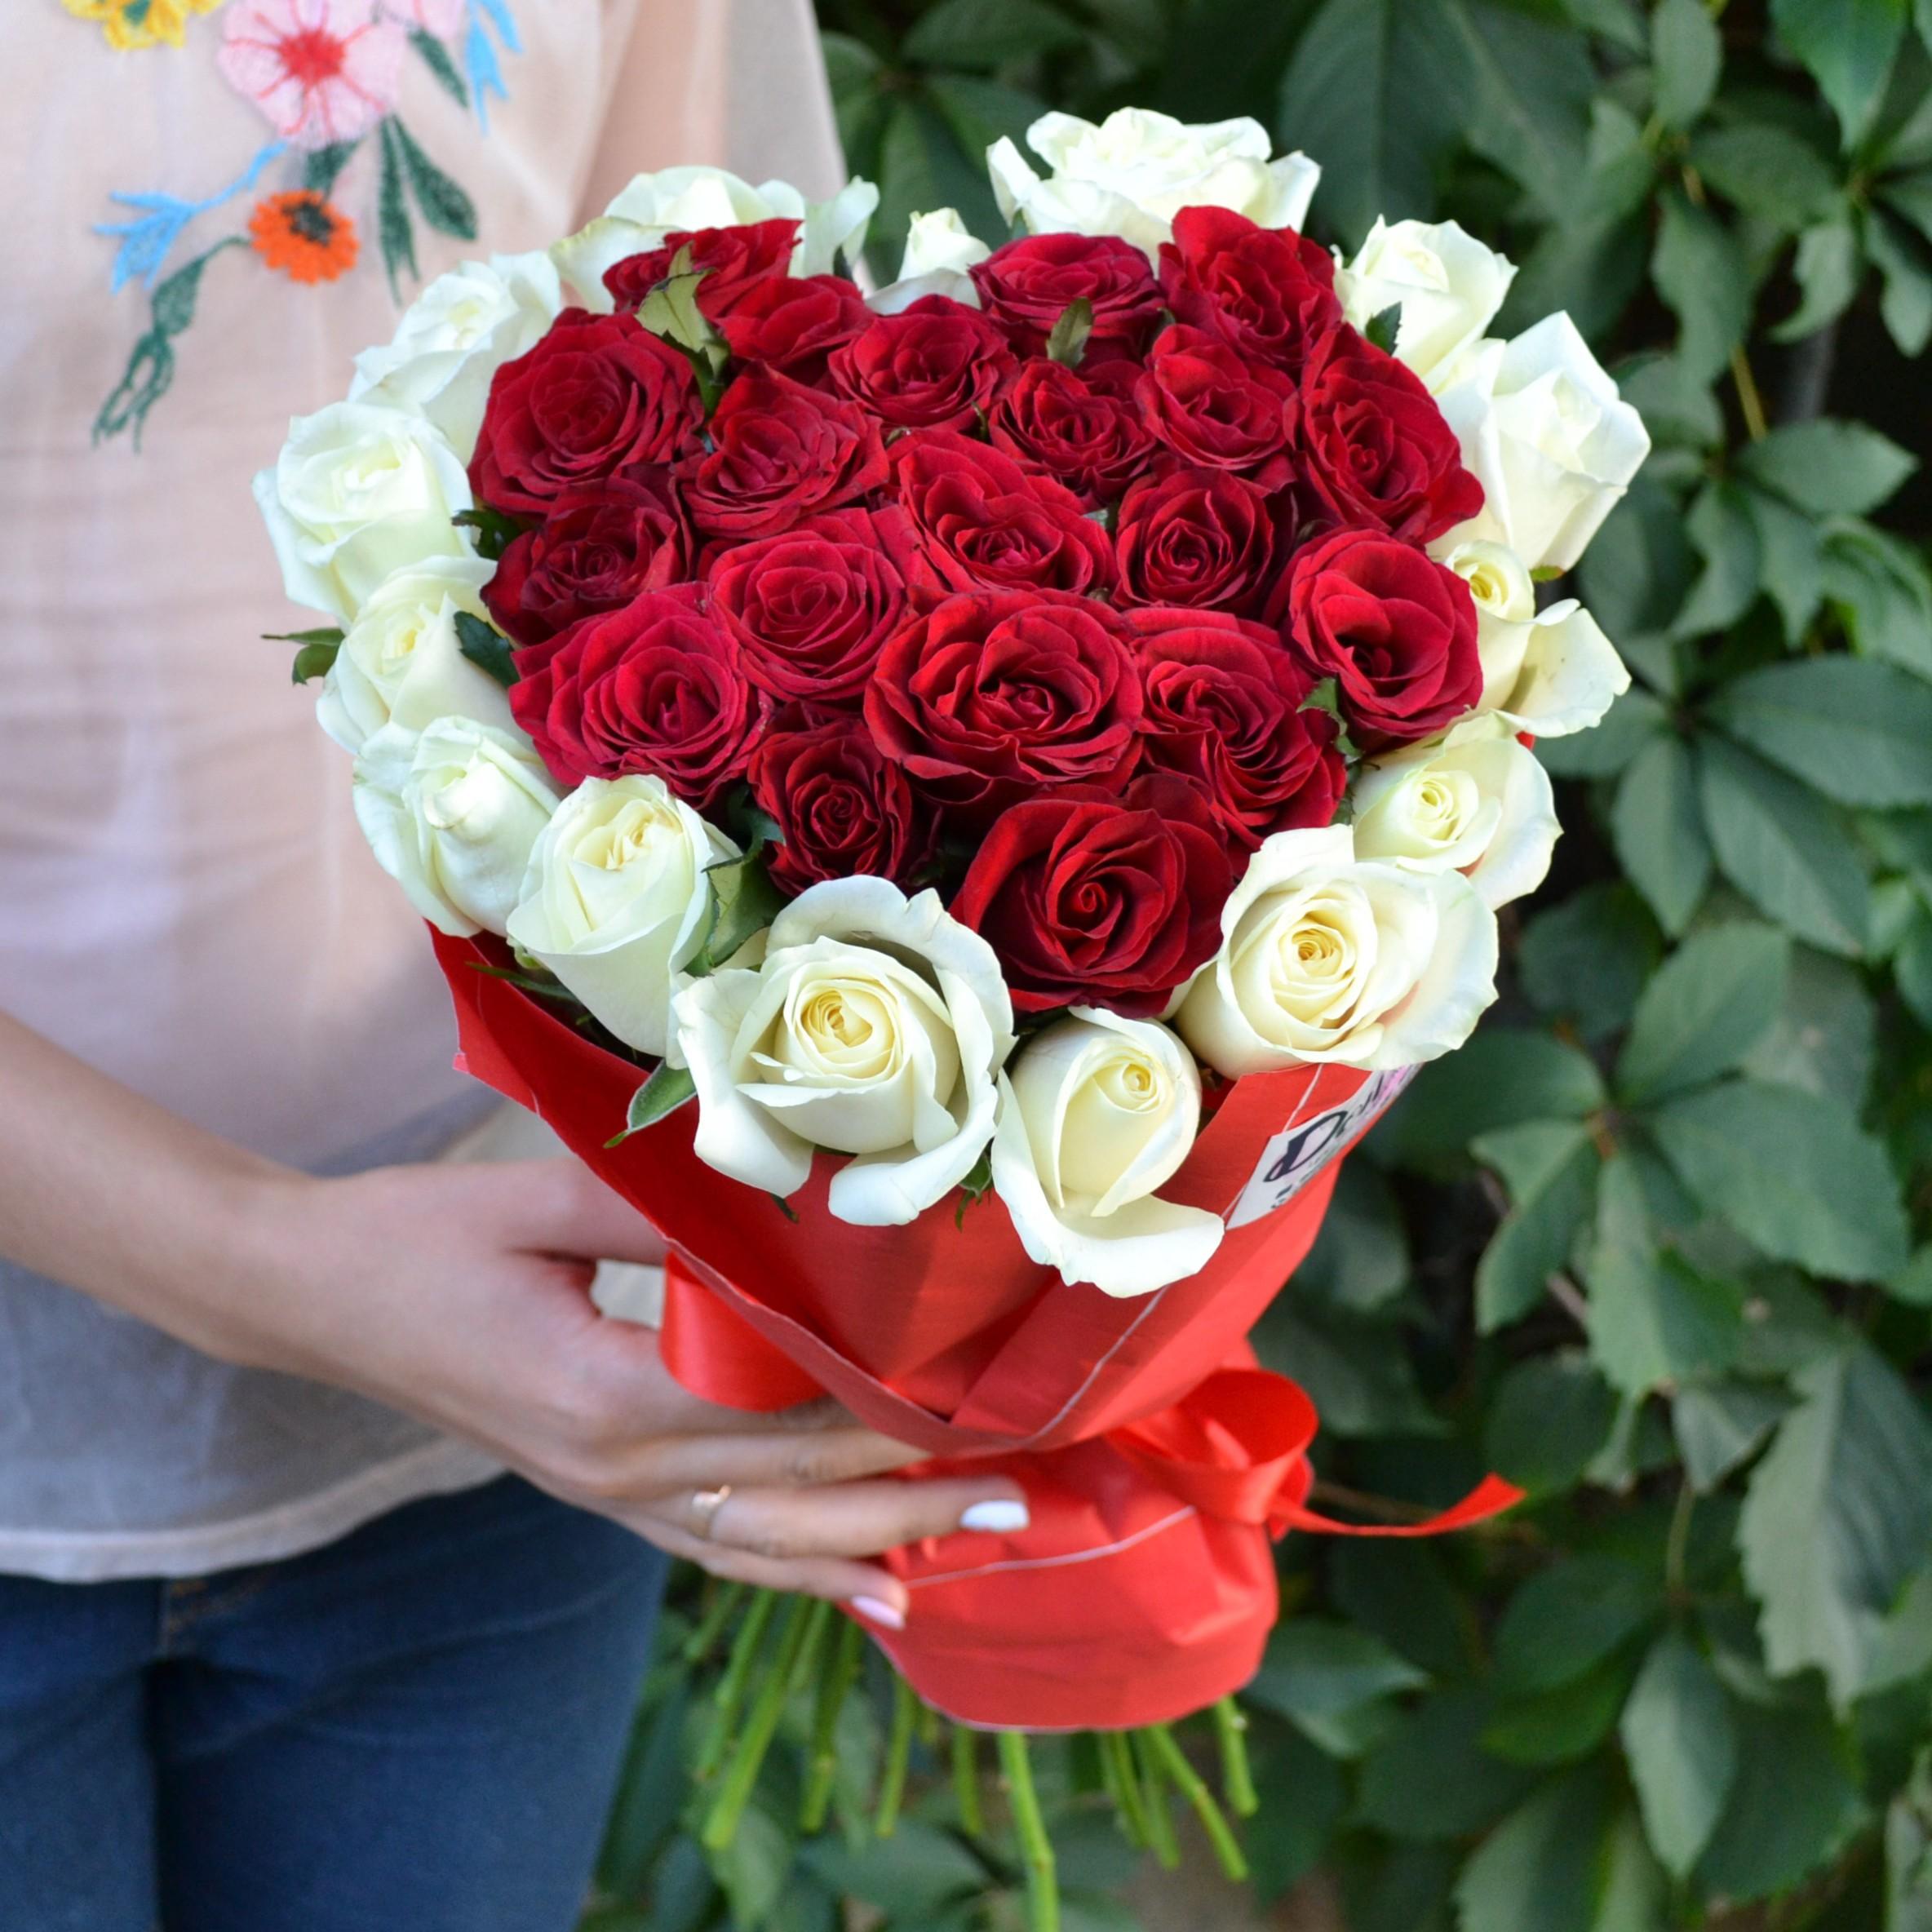 женщины букеты из роз двух цветов смотреть фото большой